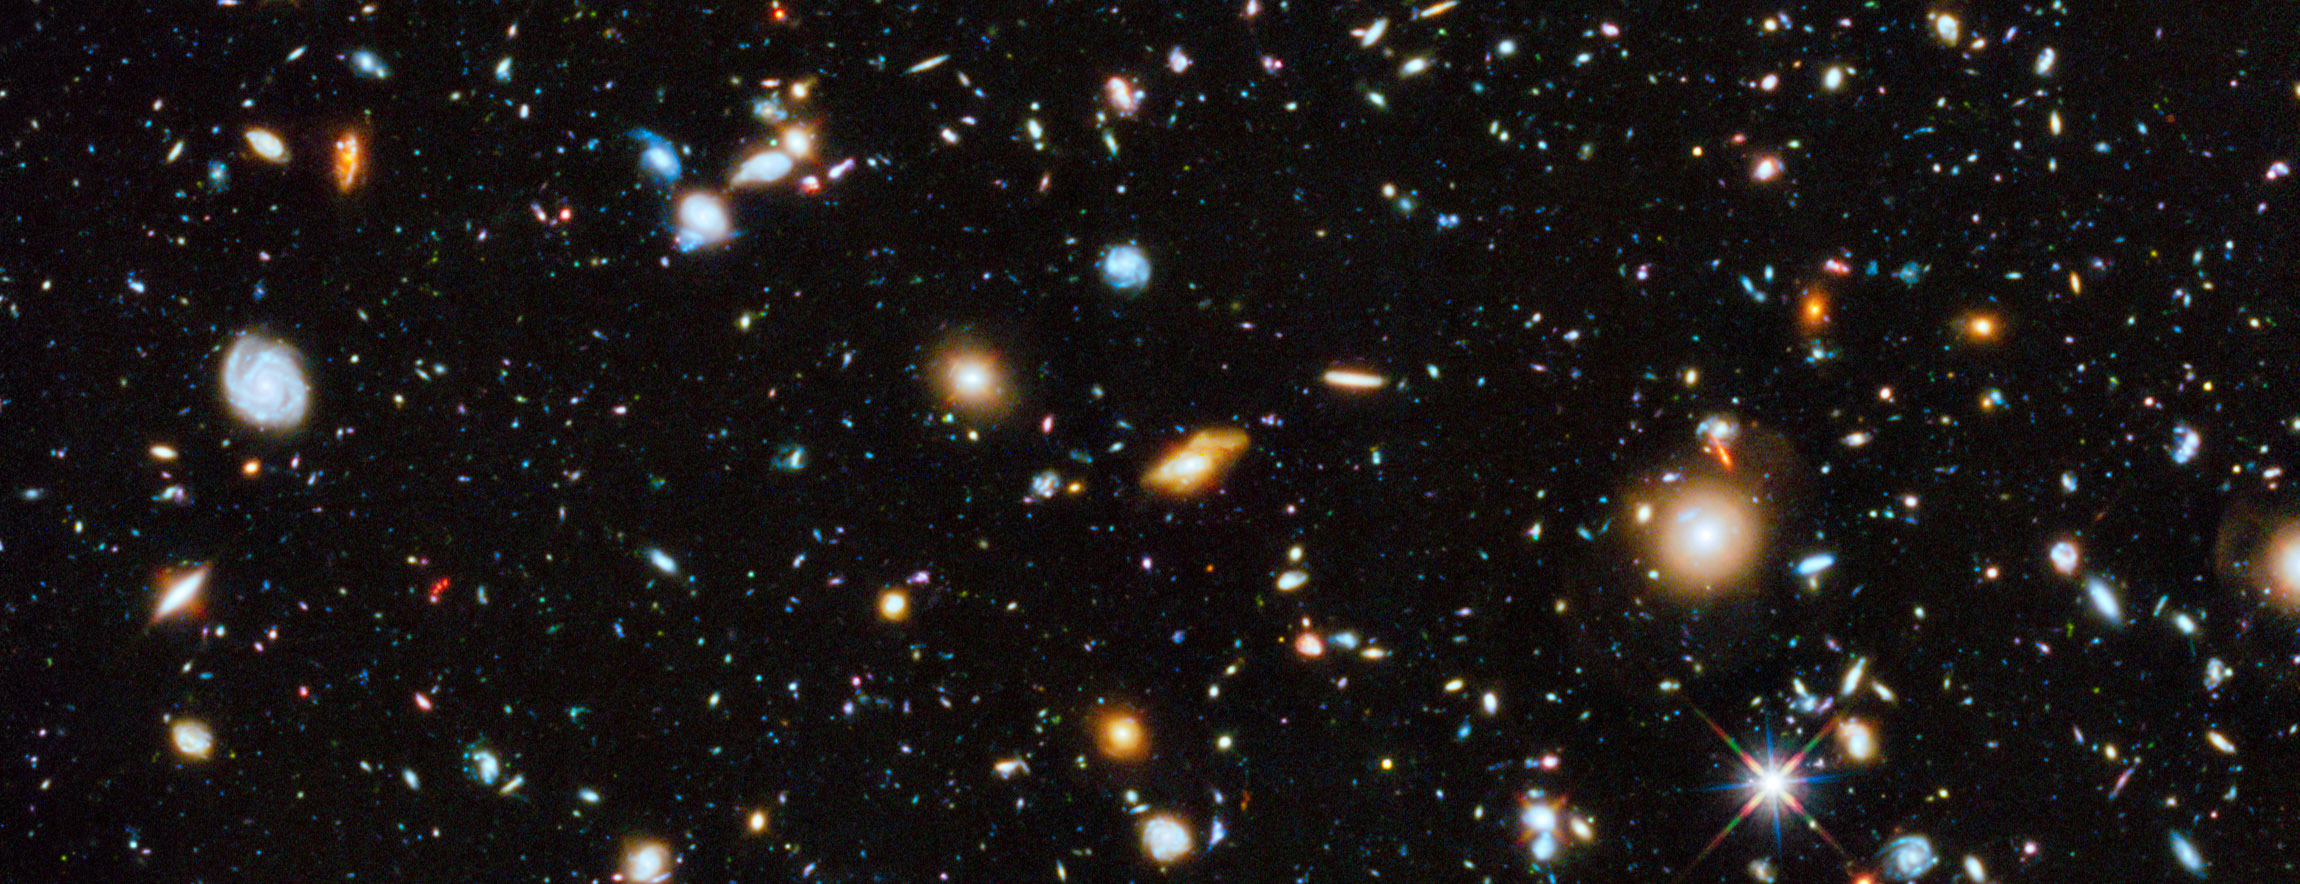 nebula (2).jpg